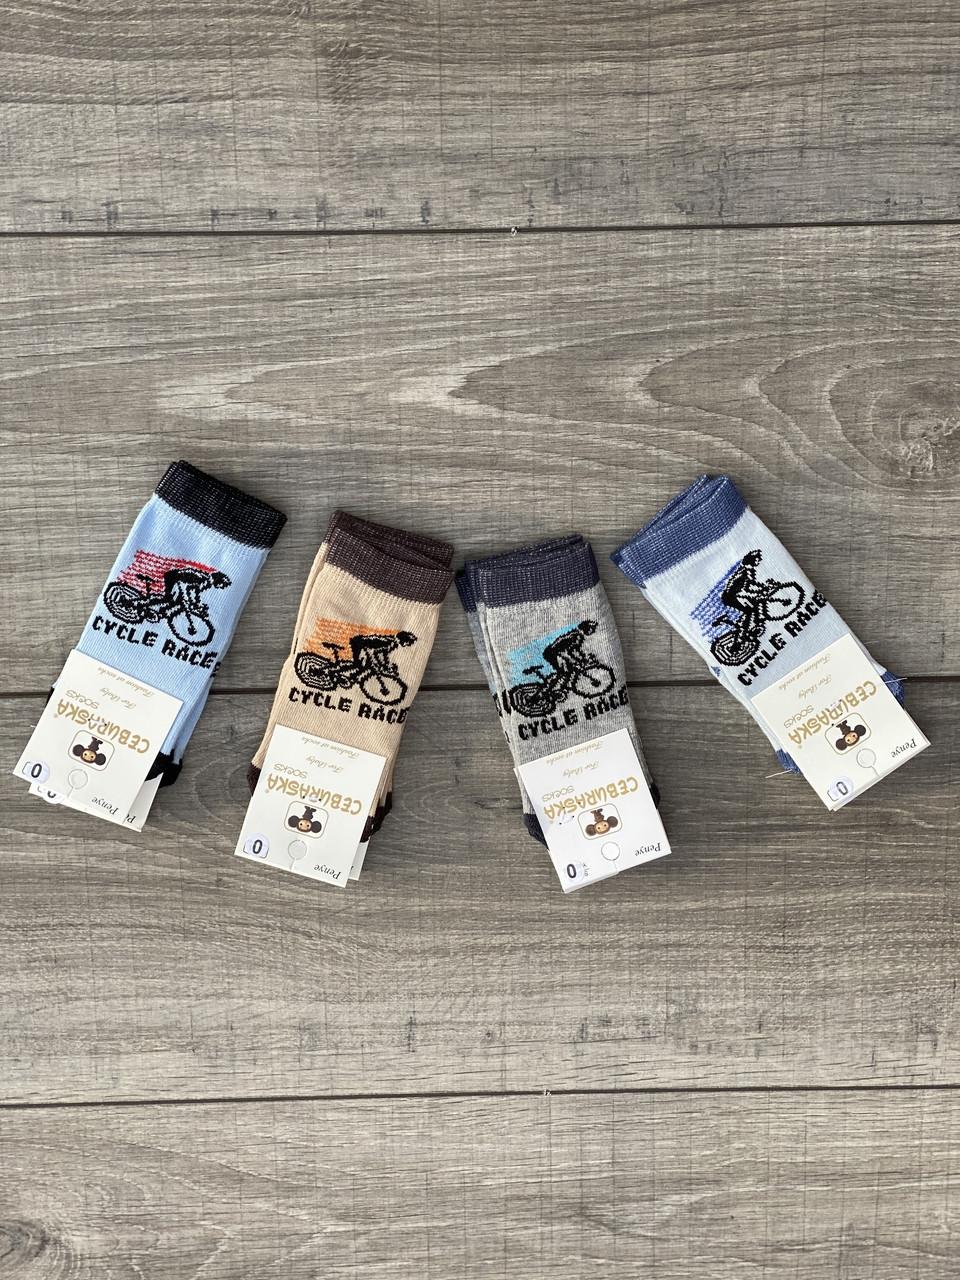 Носки Чебурашка дитячі підліткові шкарпетки для хлопчиків розмір 0.1.3 років 12 шт в уп мікс із 4х кольорів